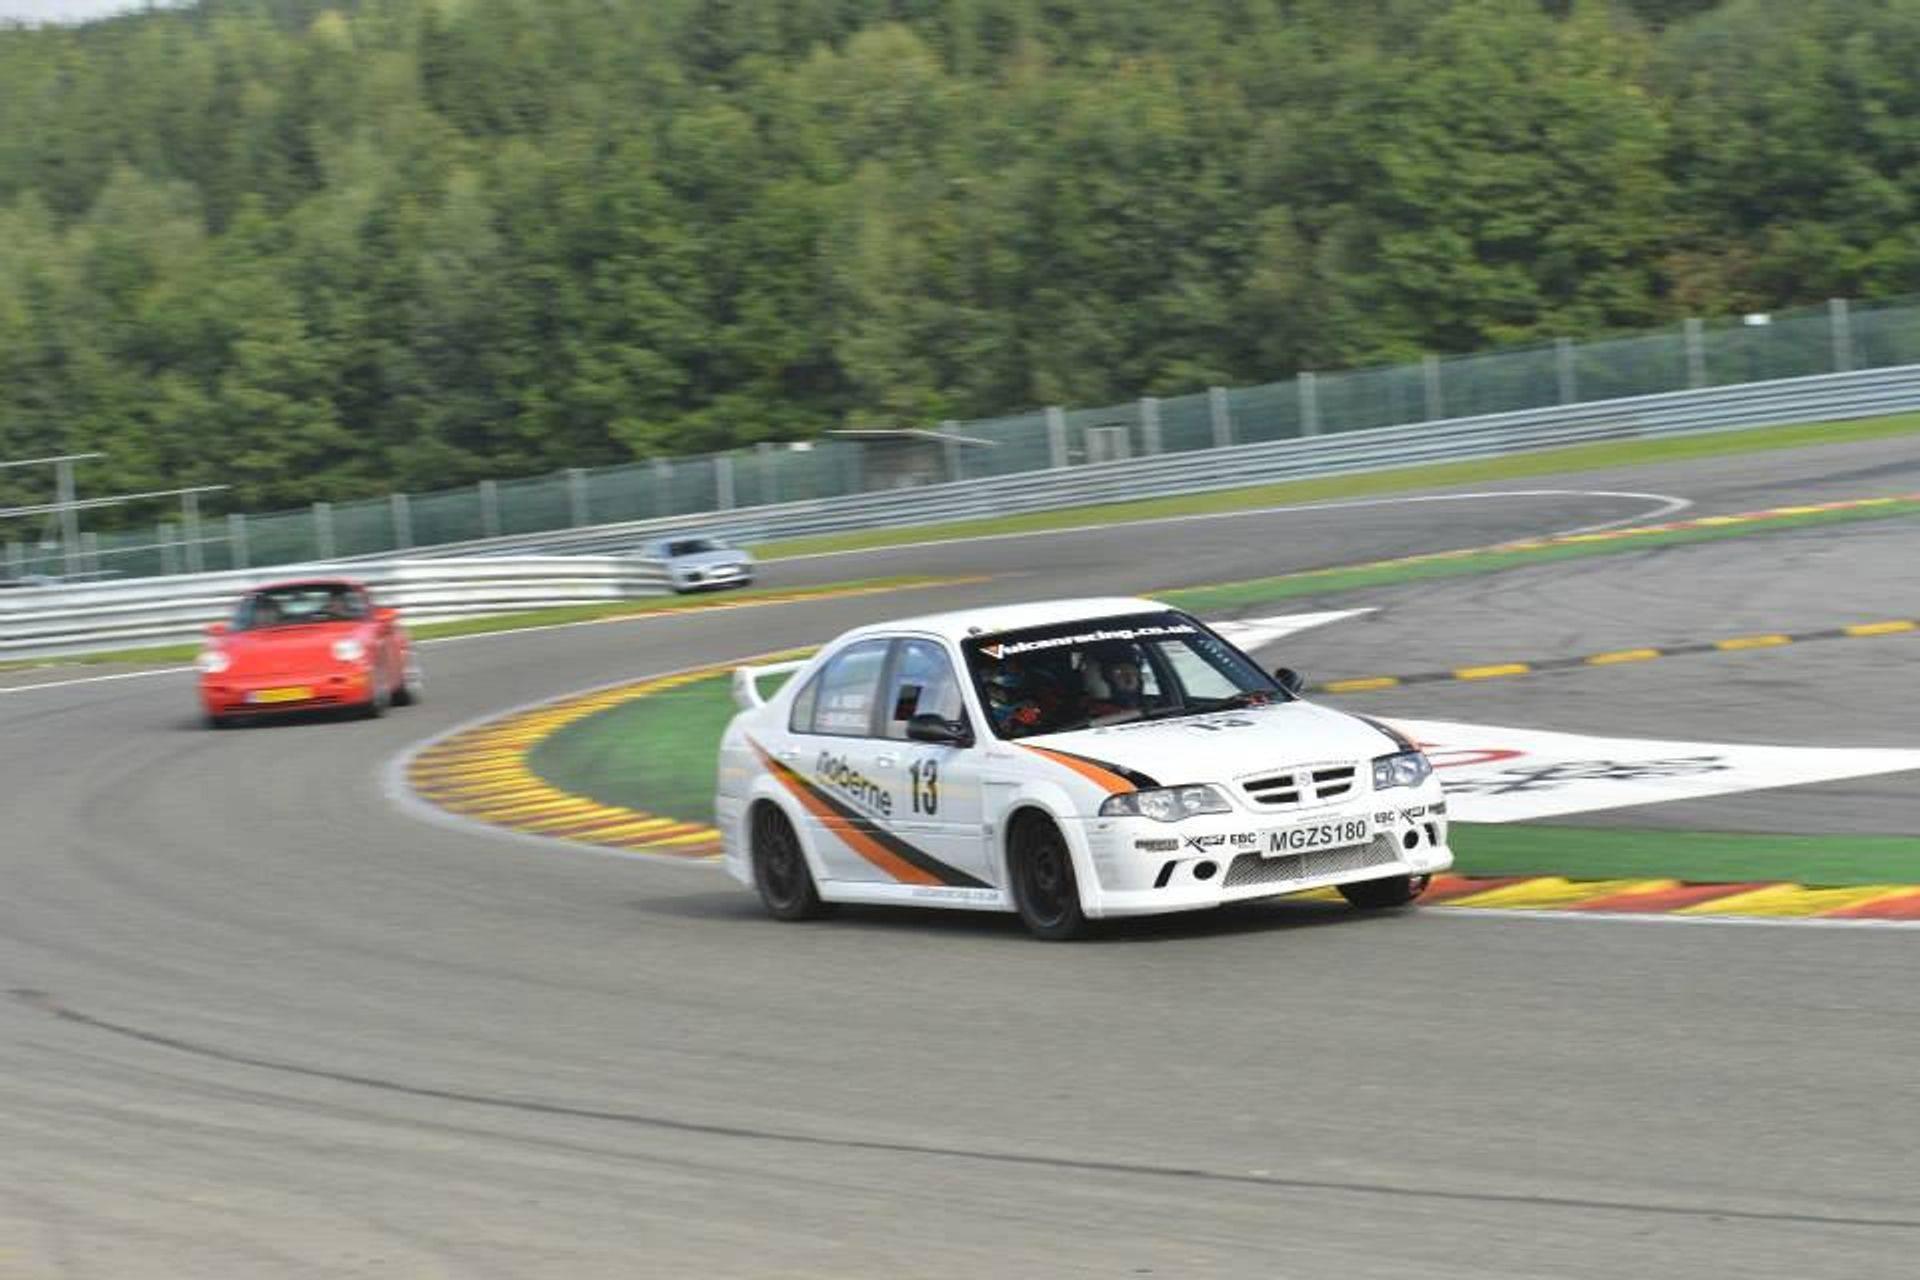 MGZS V6 180 Race Car Vulcan Racing Spa Sponsors event